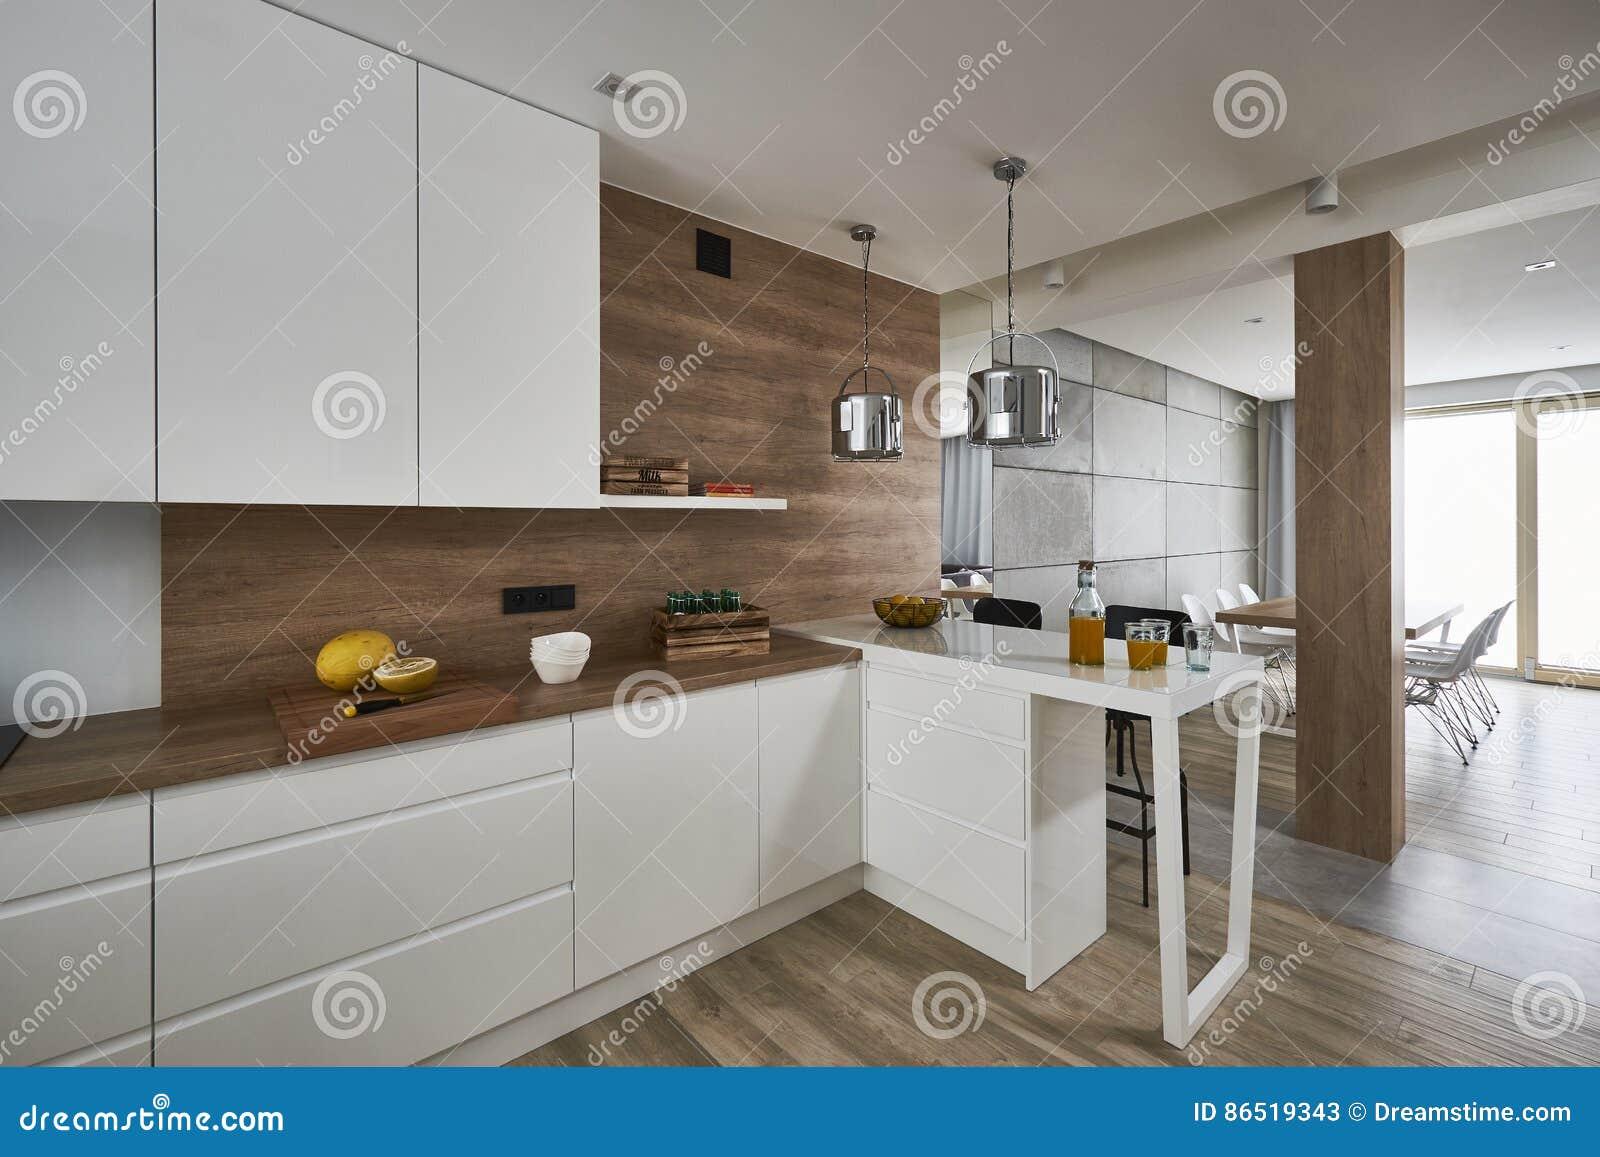 Moderne Kunst Keuken : Moderne keuken met witte en bruine muren redactionele stock foto